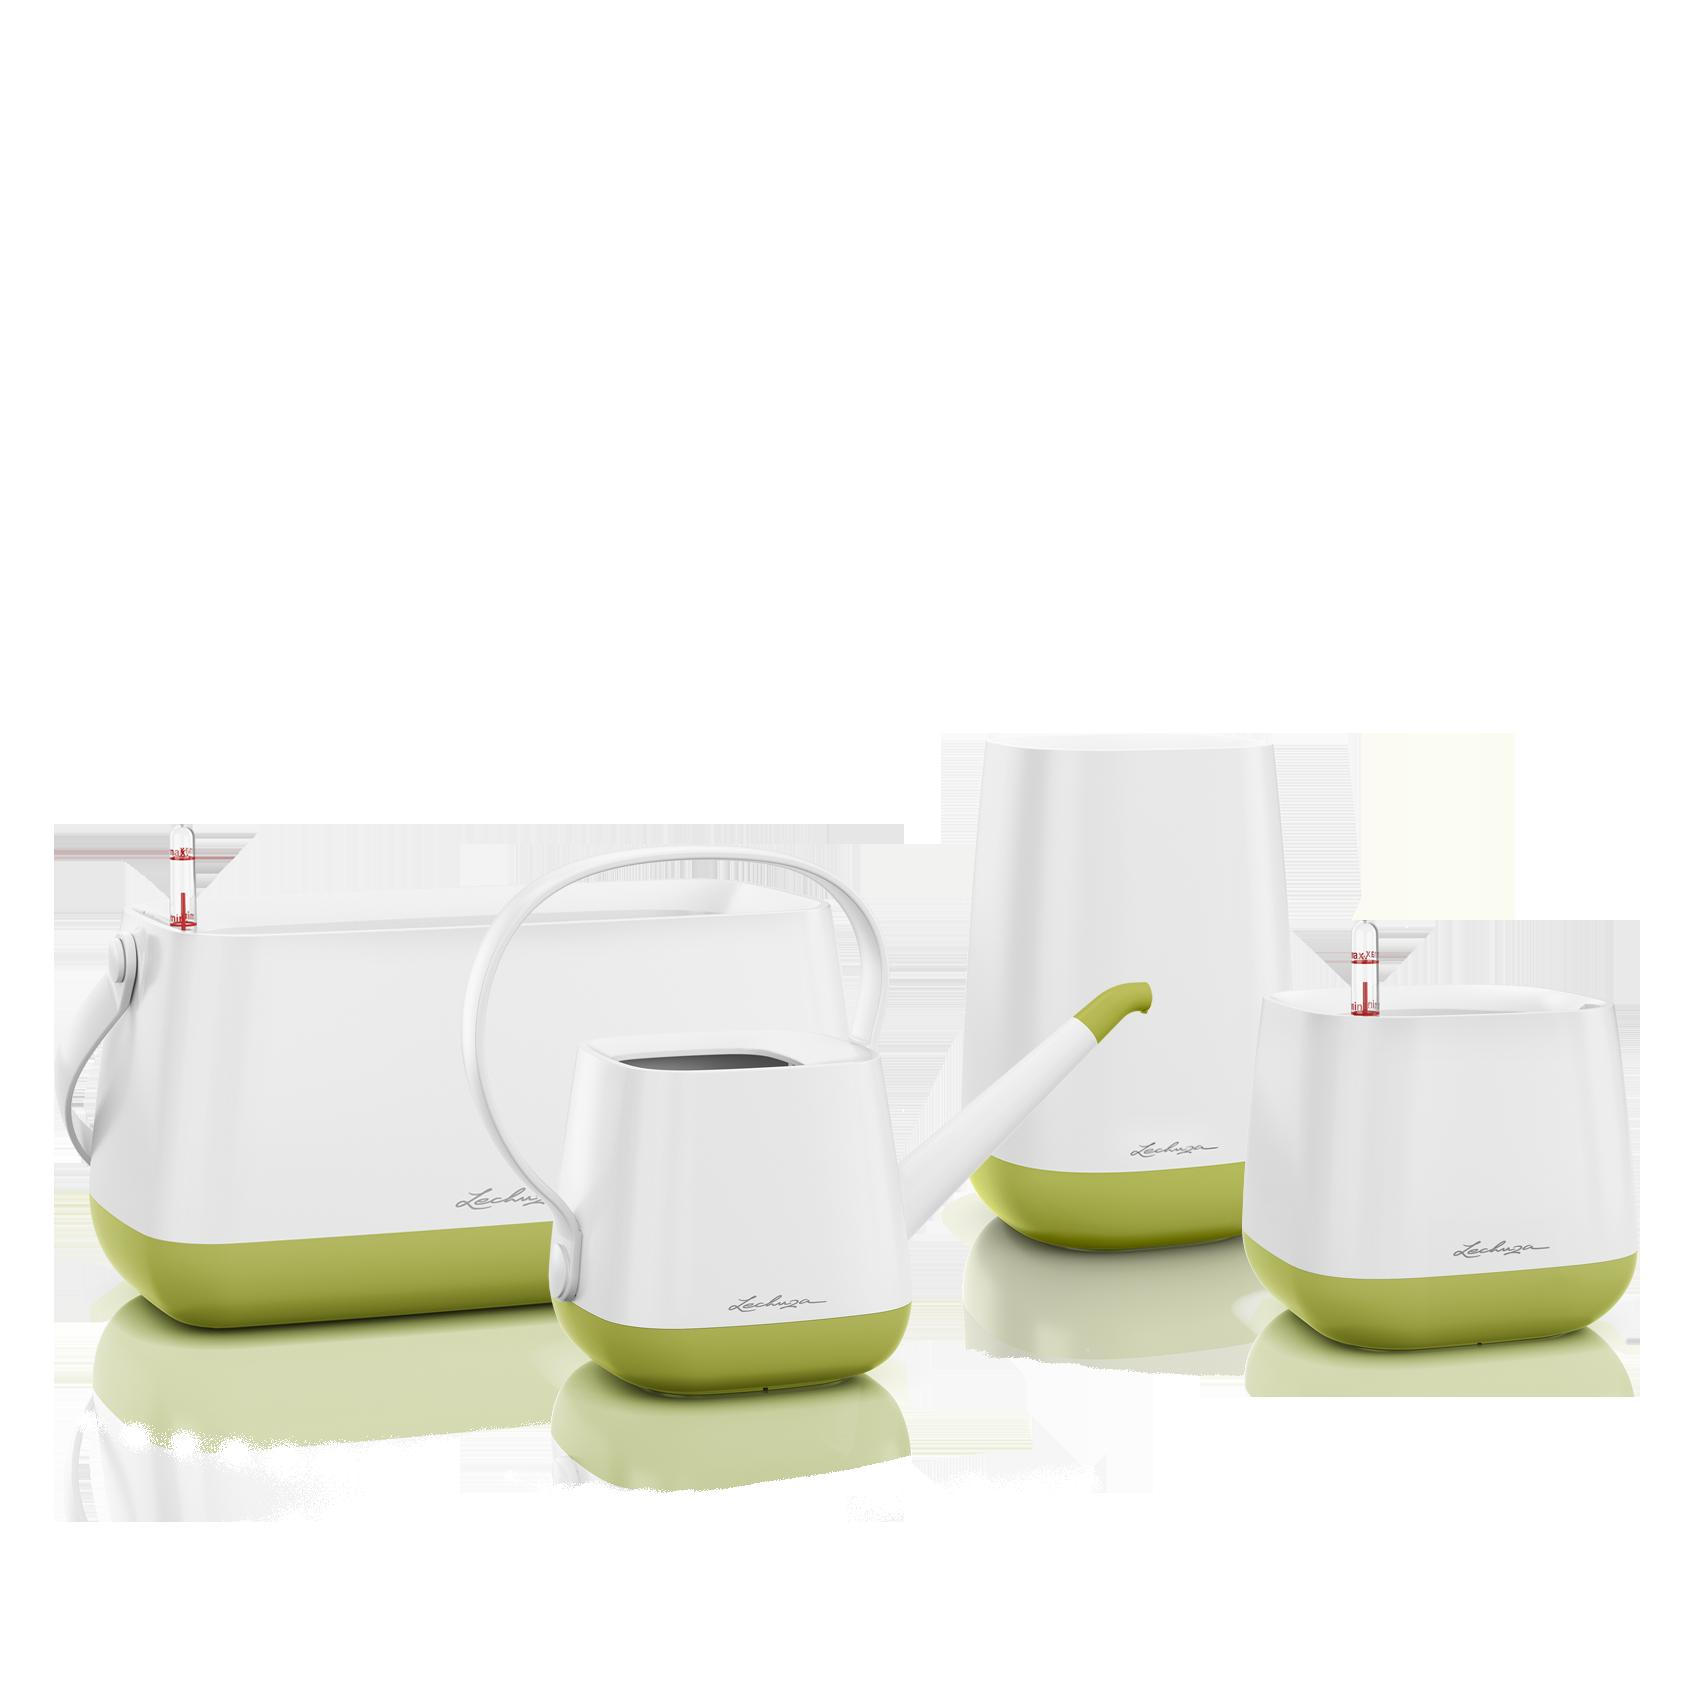 YULA set white/pistachio semi-gloss